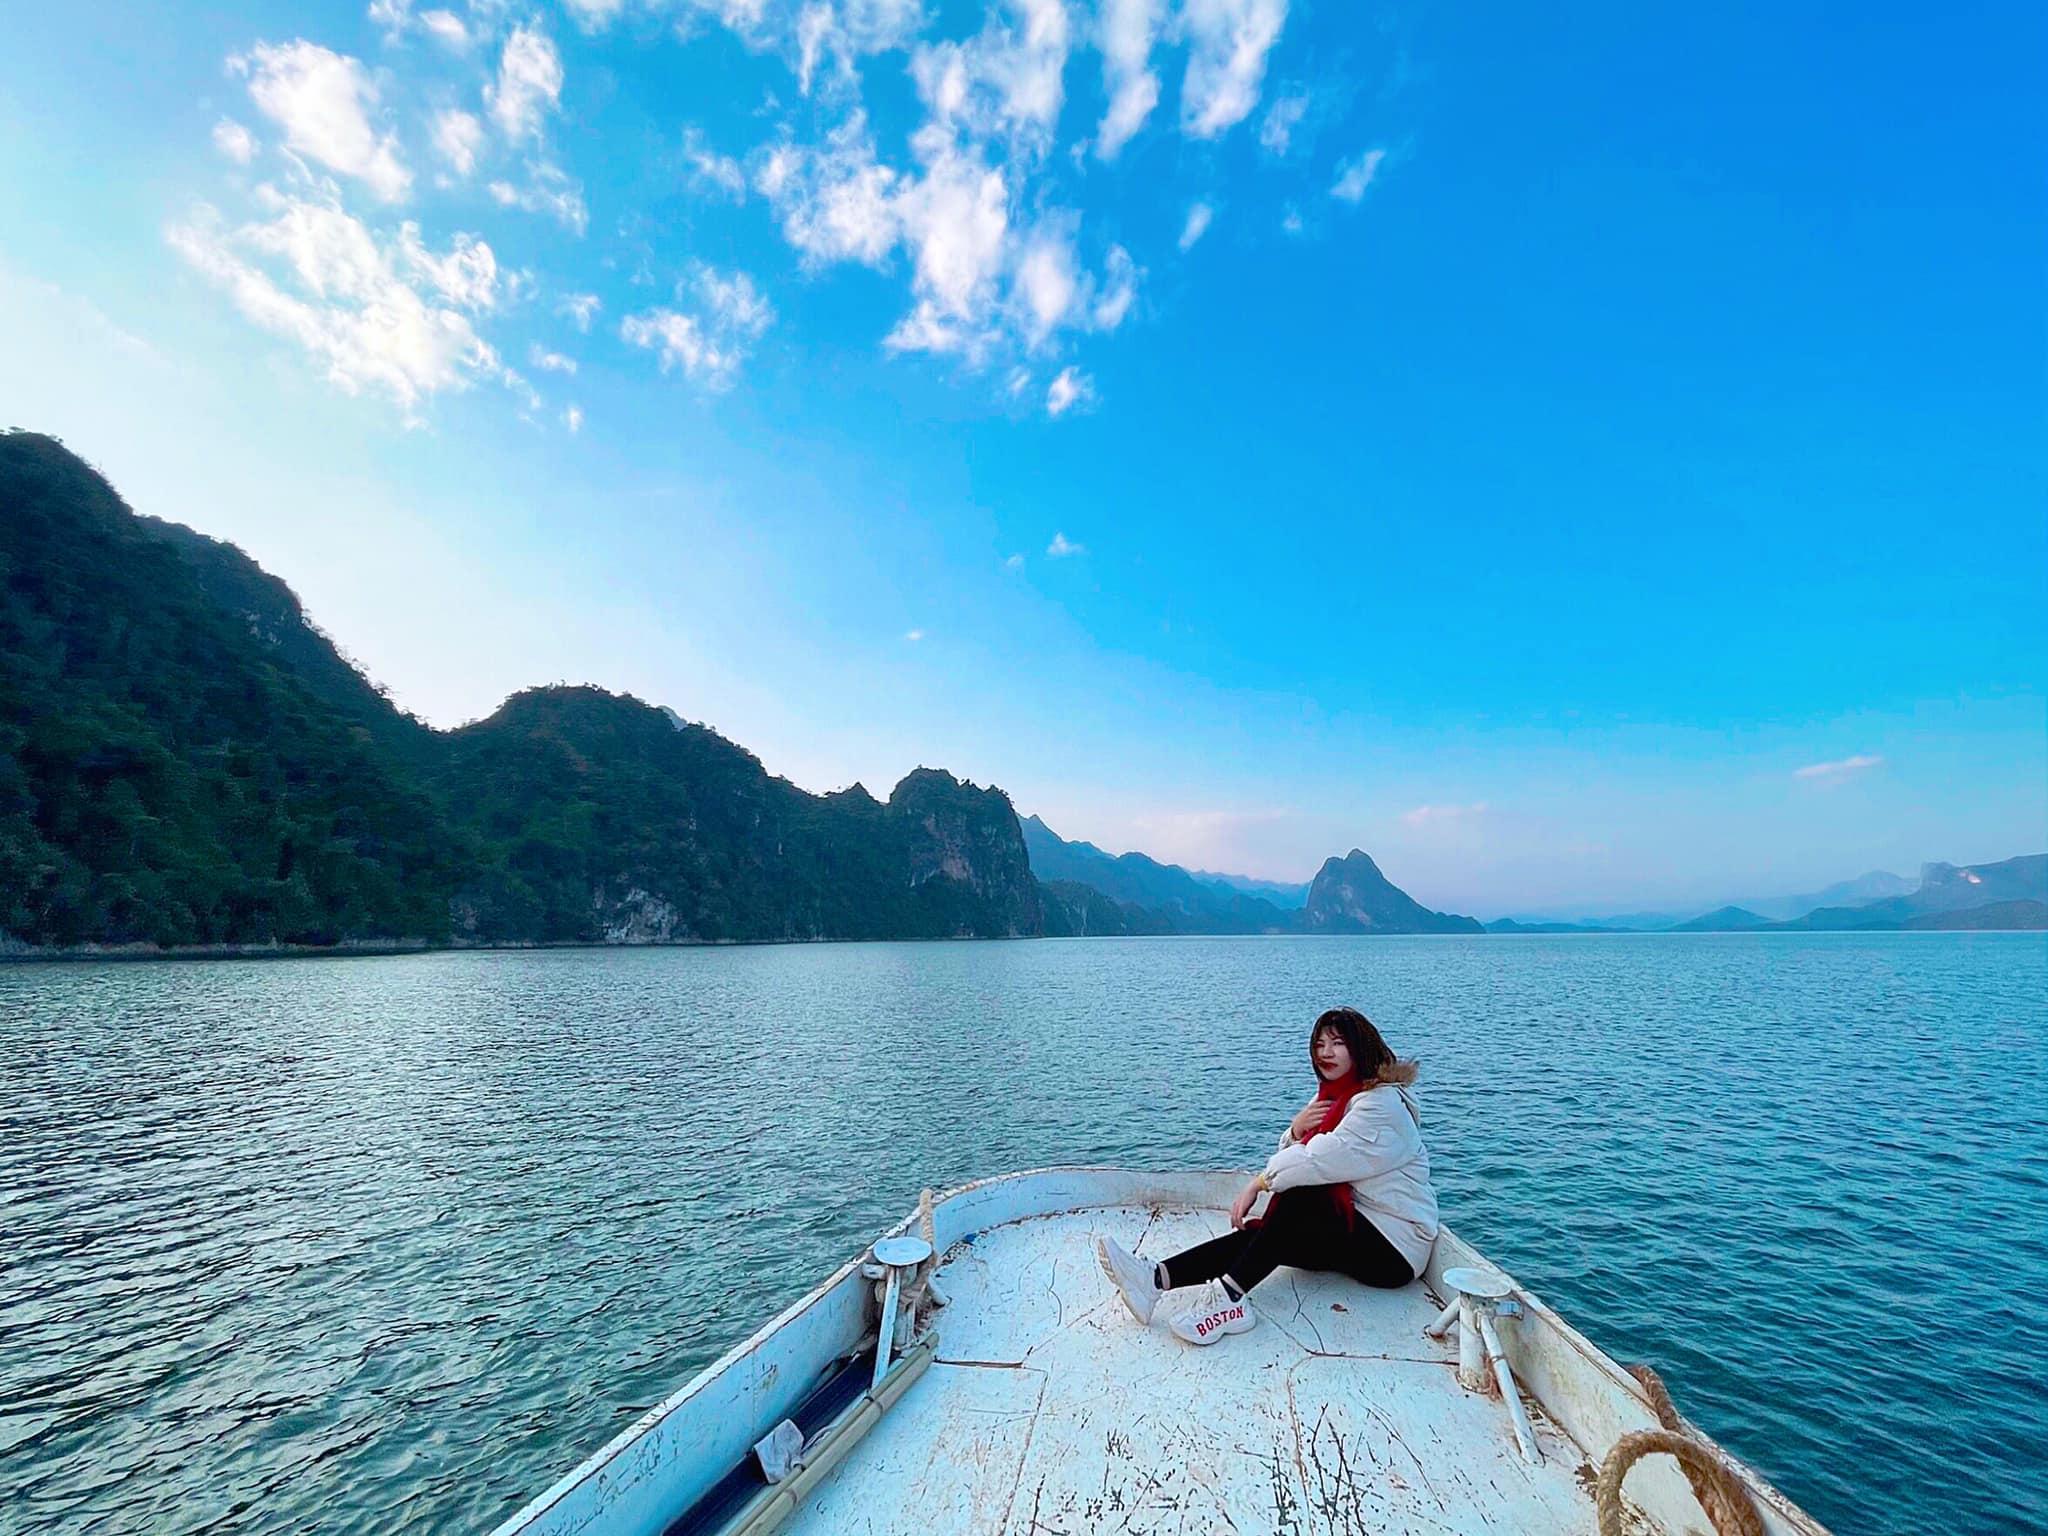 Biển hồ Quỳnh Nhai xanh trong vắt. Hình: Sưu tầm